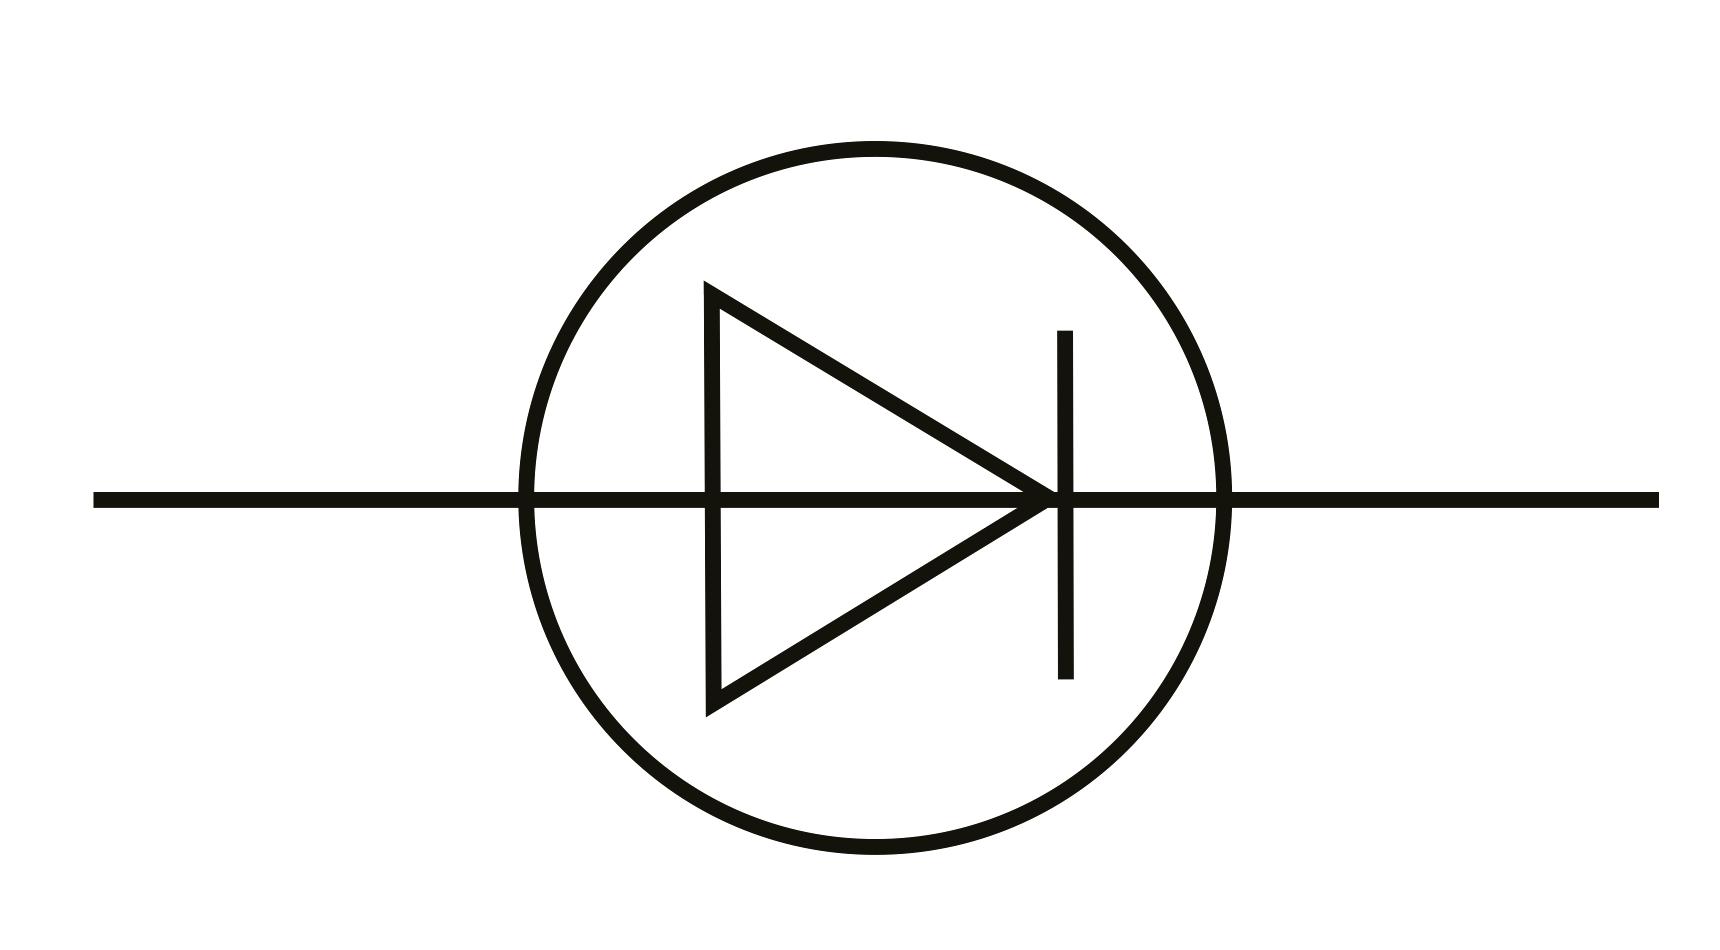 Symbol For Led